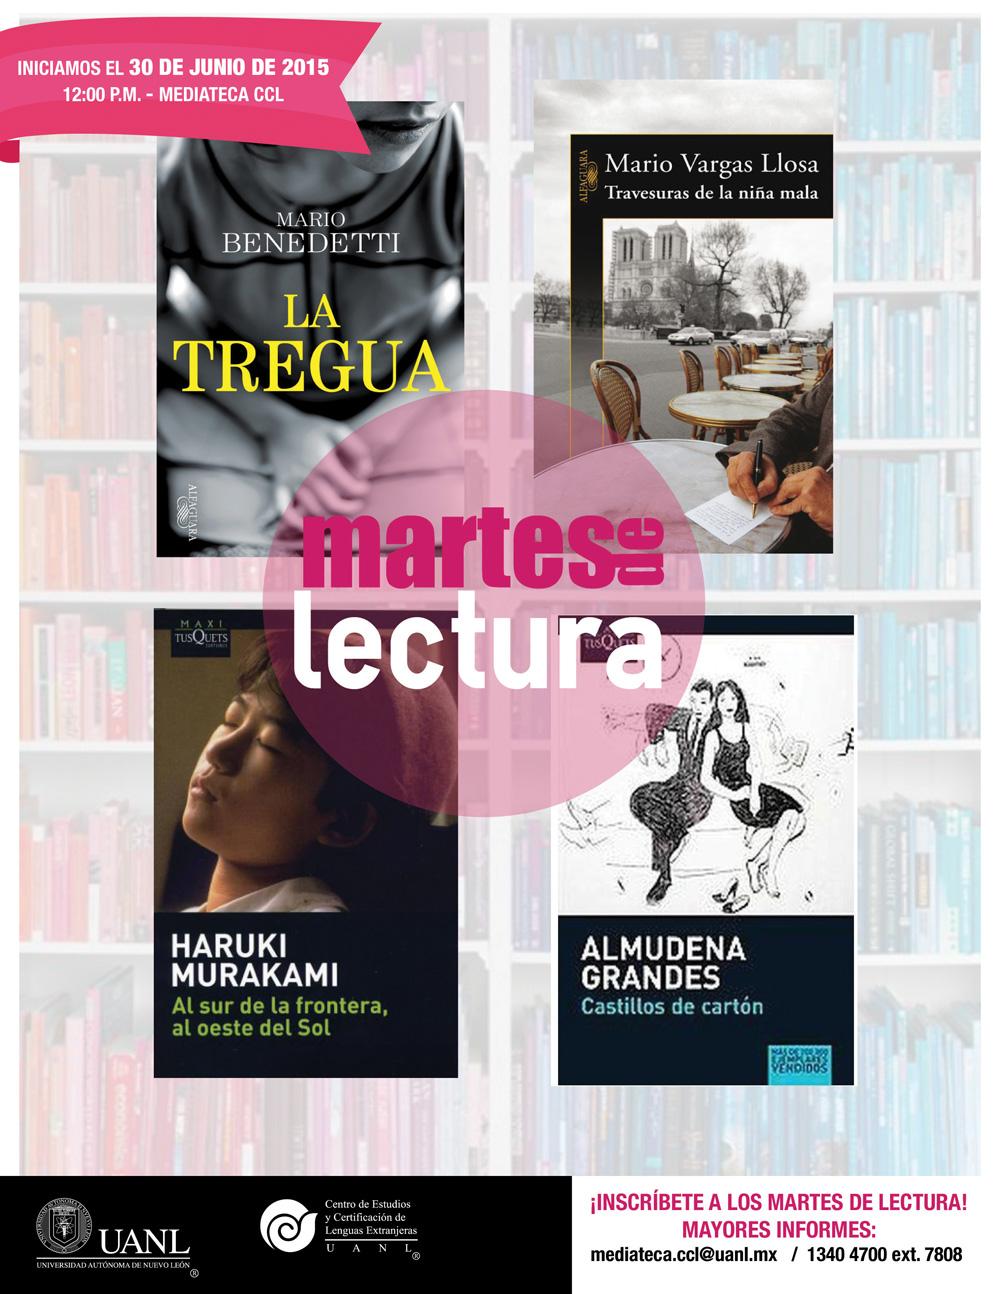 Circulo lectura MediatecaCCL-poster verano2015